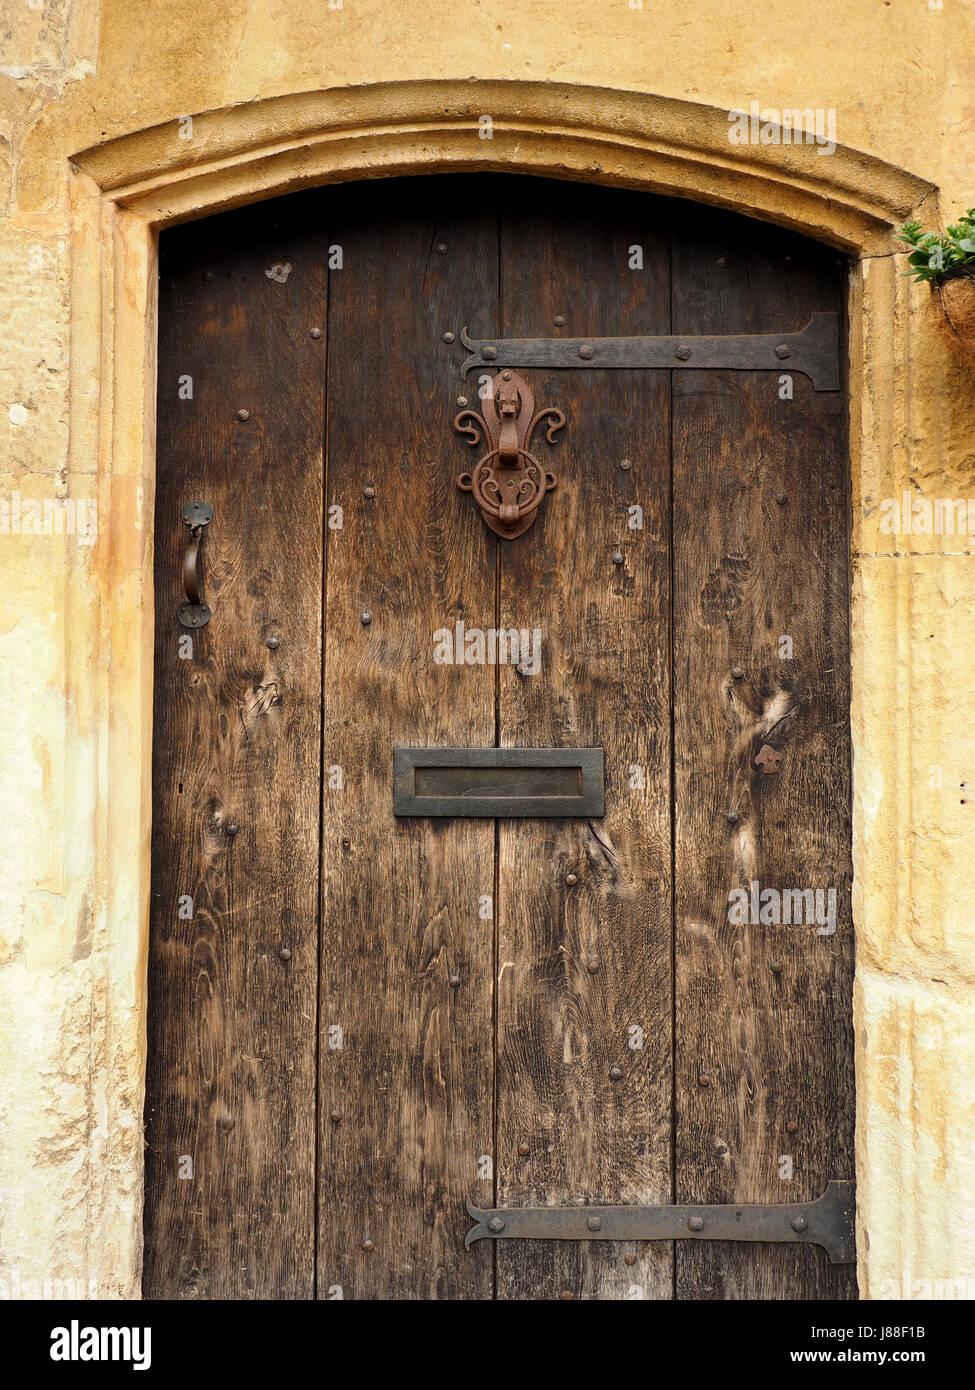 Puertas Antiguas De Madera Y Muebles De La Puerta Met Lica En Chipping Campden Gloucestershire